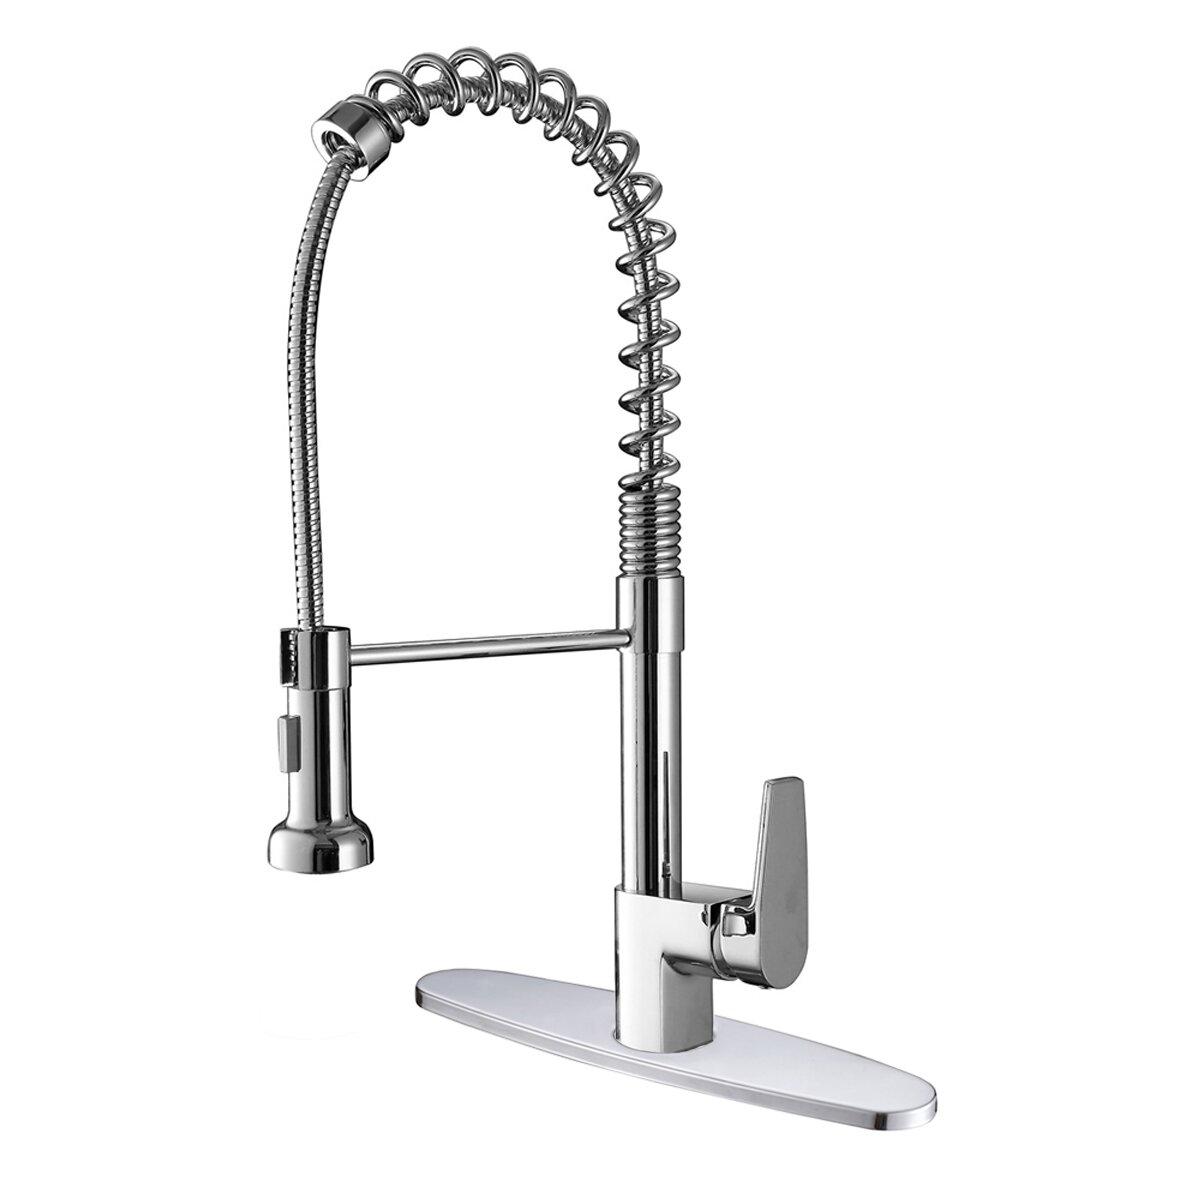 Ruvati Cascada Kitchen Faucet With Deck Plate